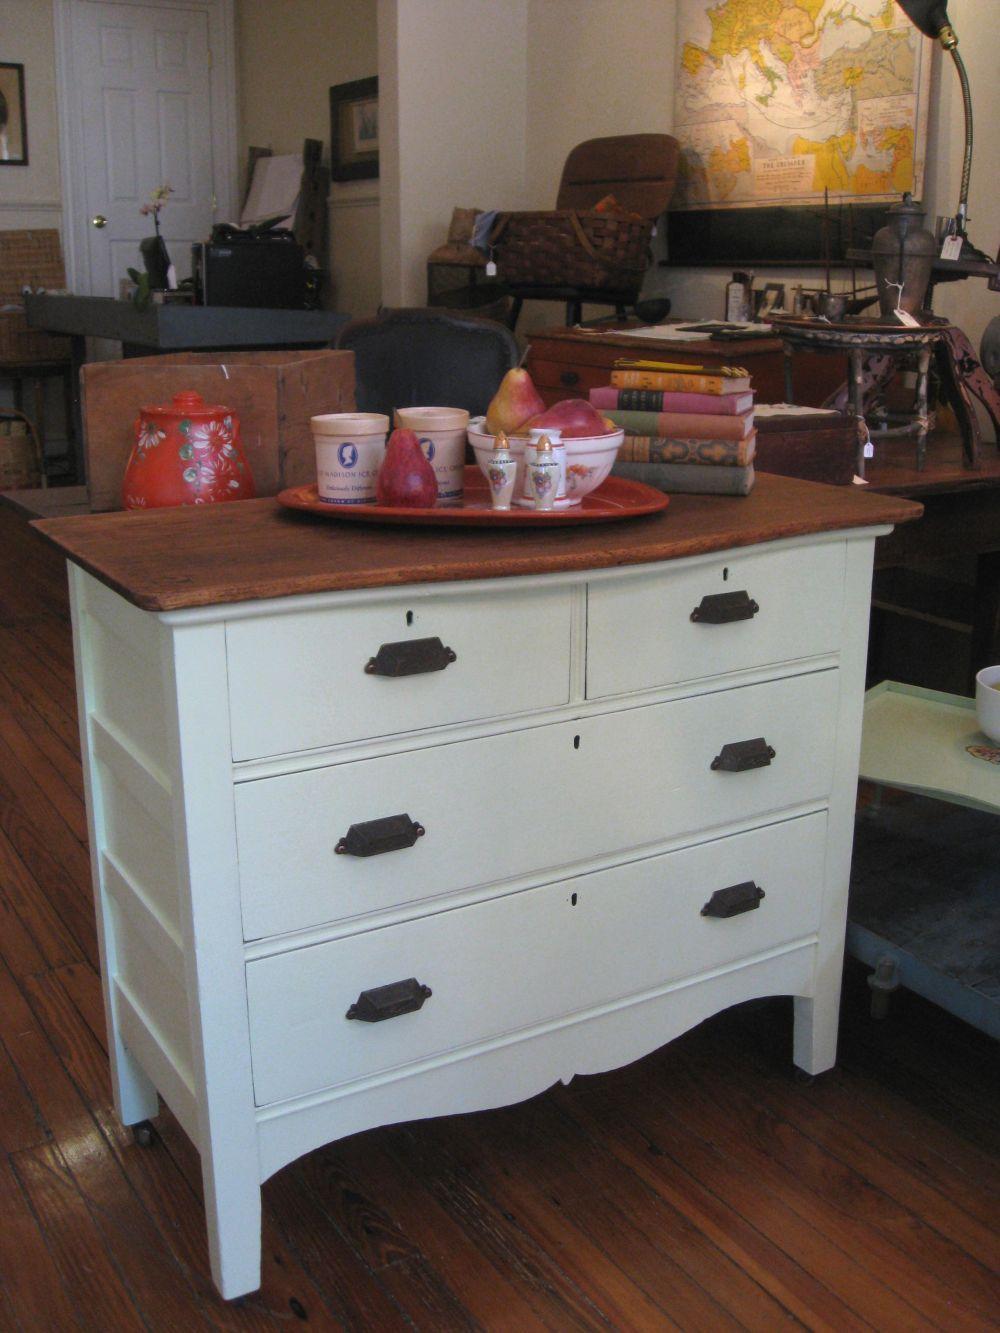 Dresser as kitchen island summer projects pinterest kitchen